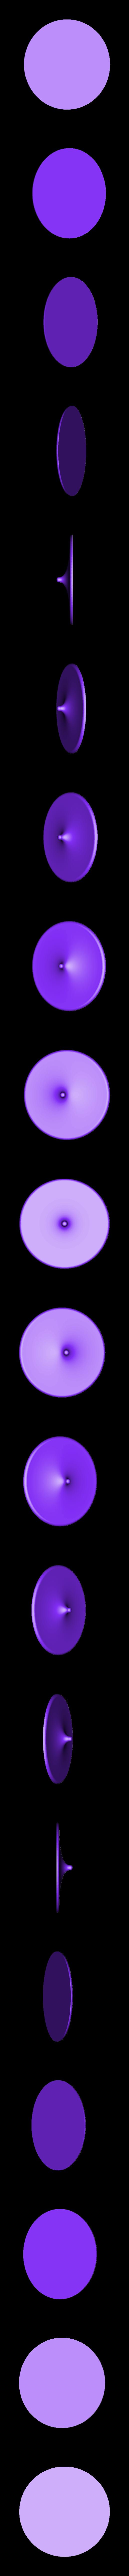 Baczek_2B.stl Download free STL file Spinning top (pseudo dual-color) • 3D print model, kpawel